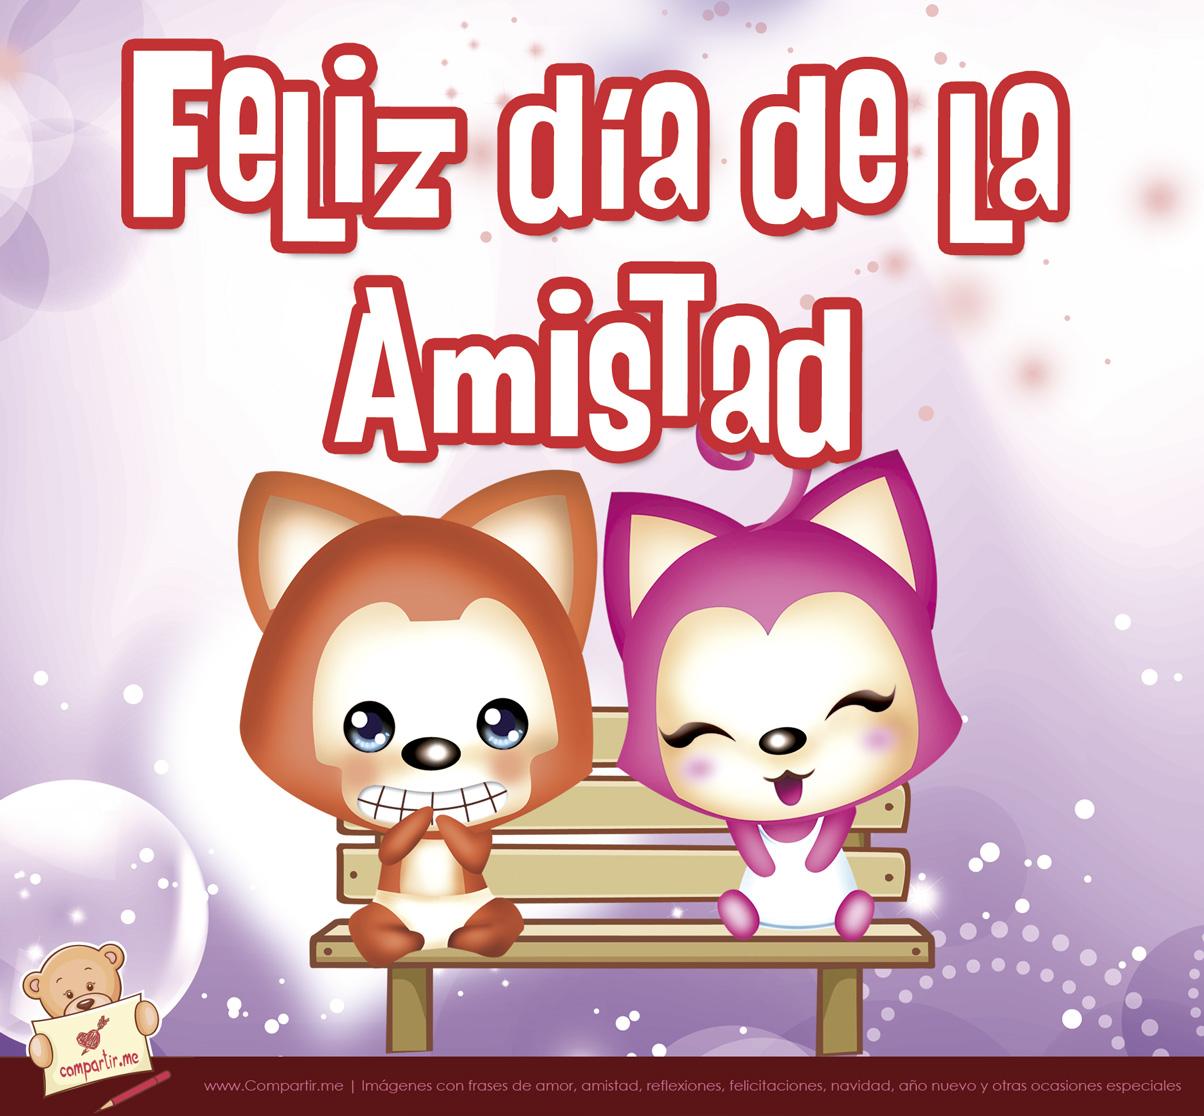 Imagenes de amor - blogspot.com